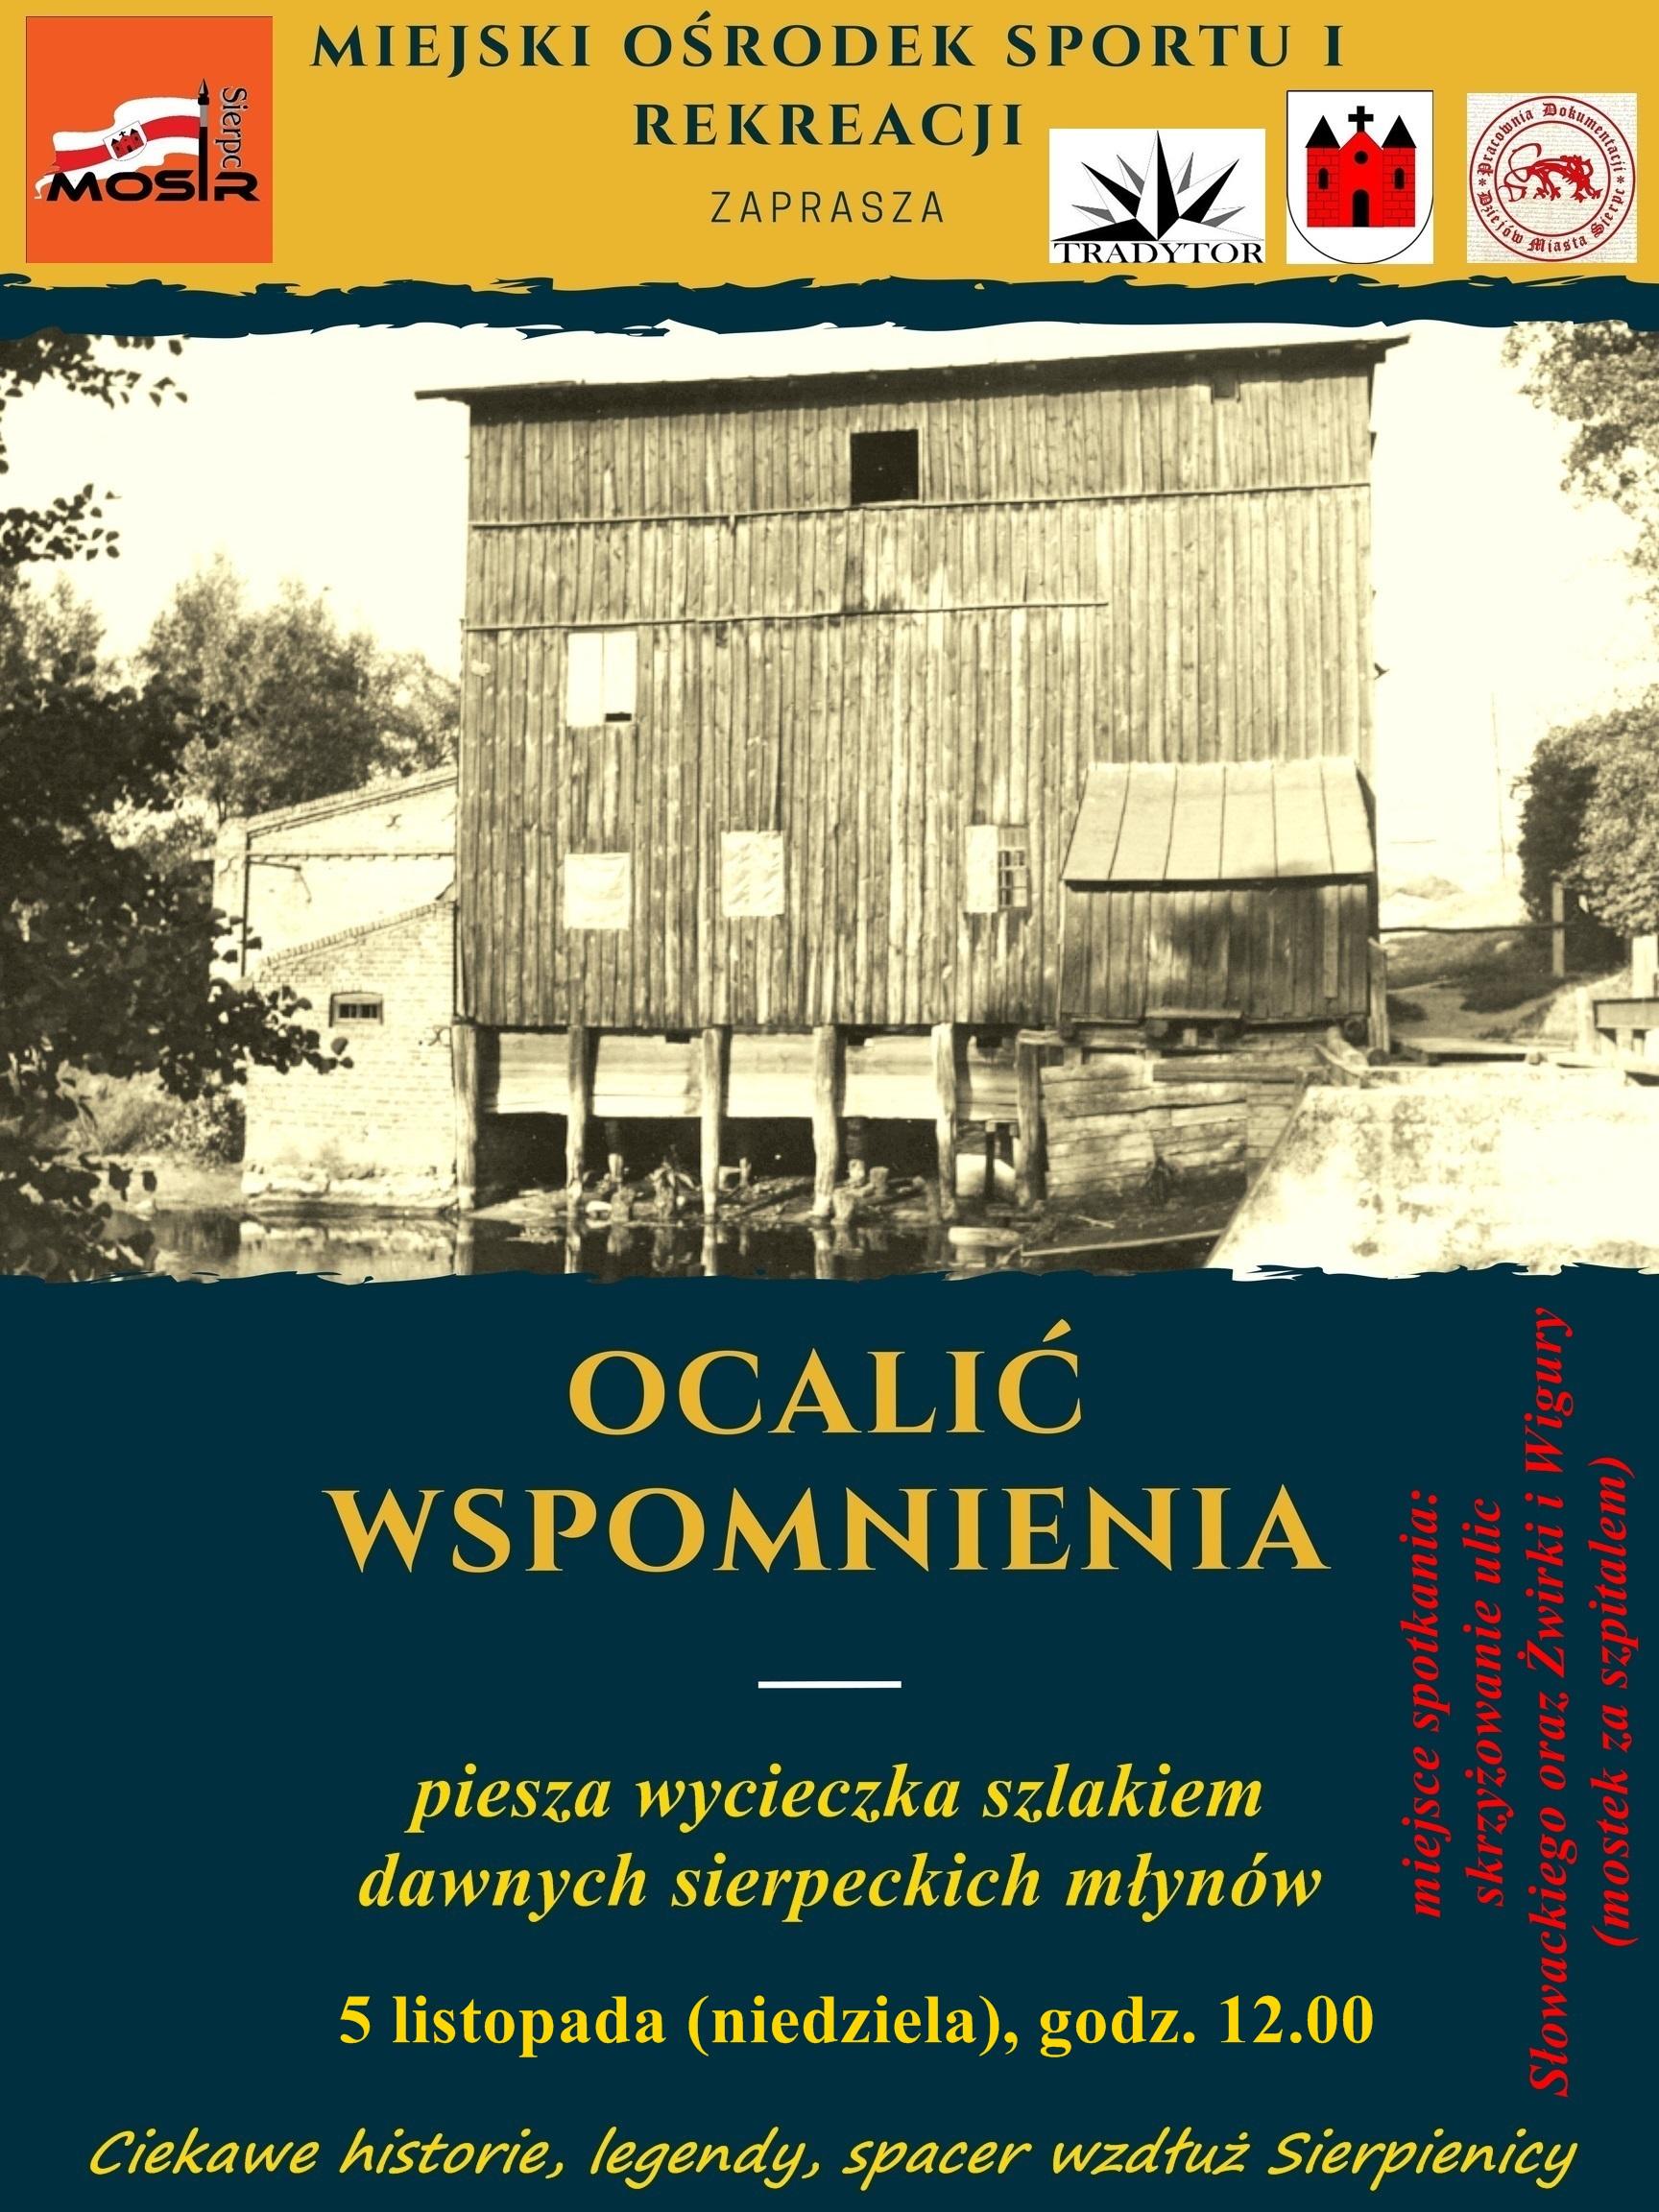 mlyn - Kopia